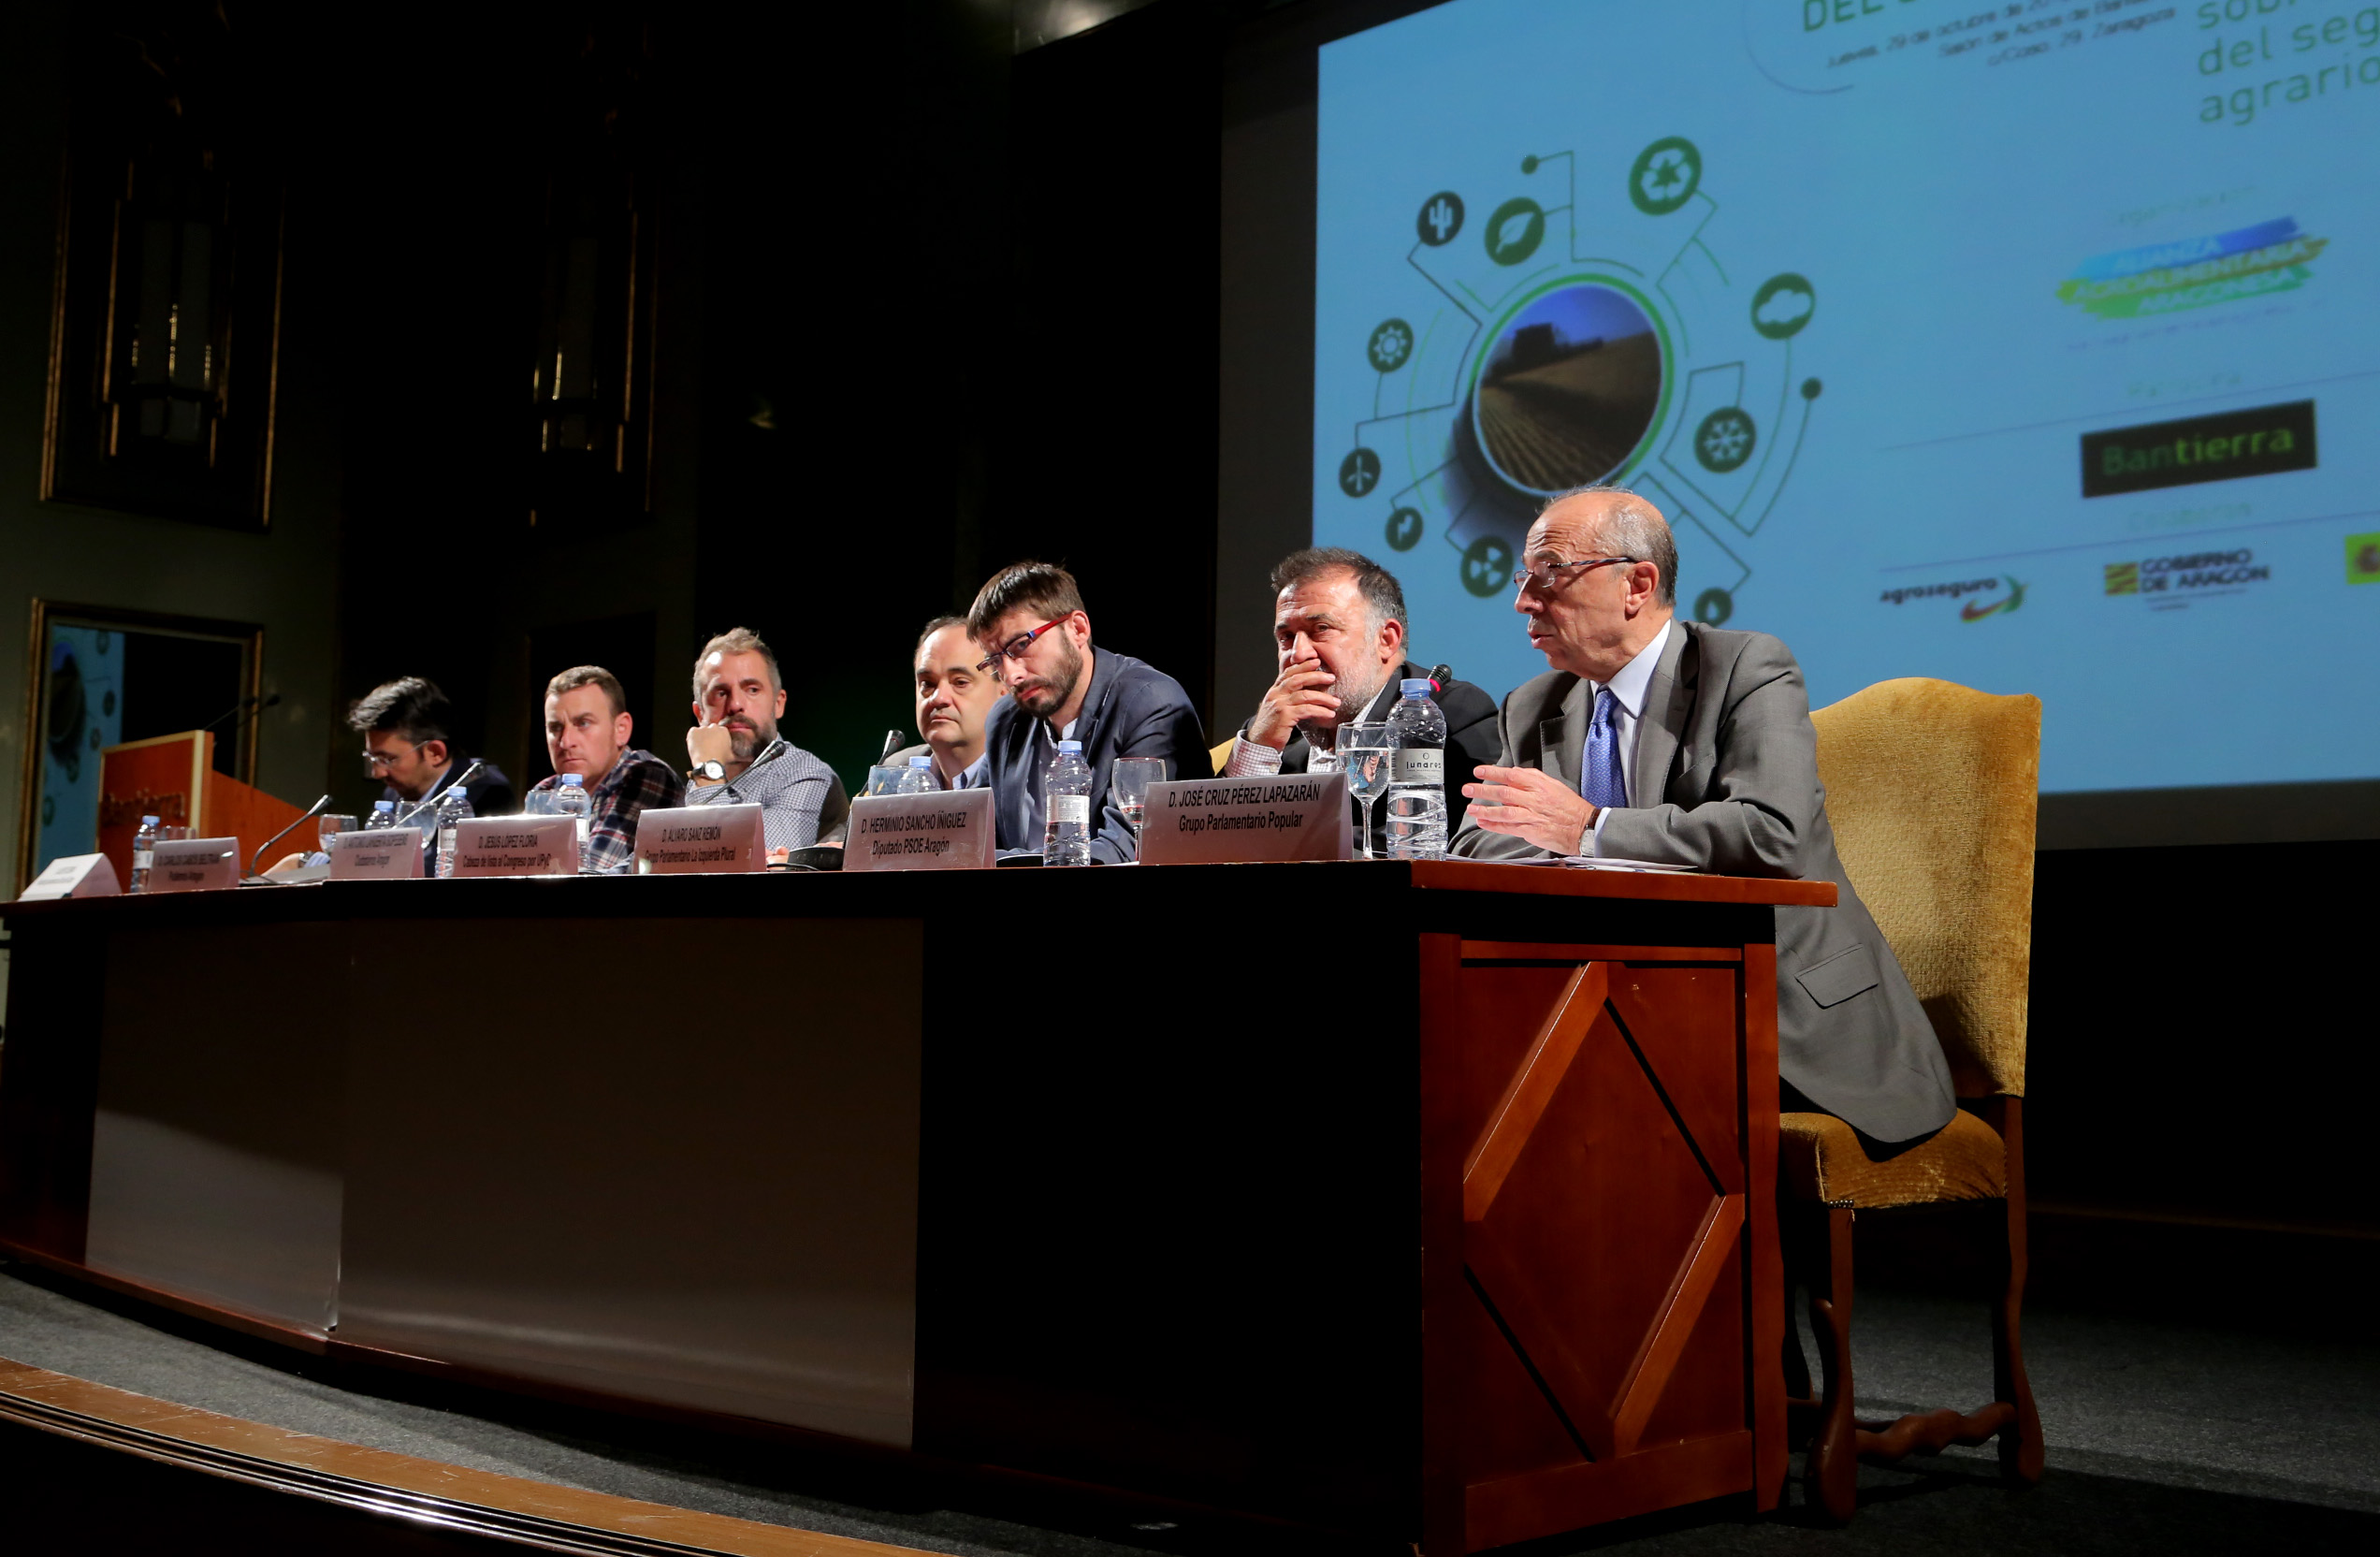 Representantes políticos debatiendo sobre el seguro agrarios